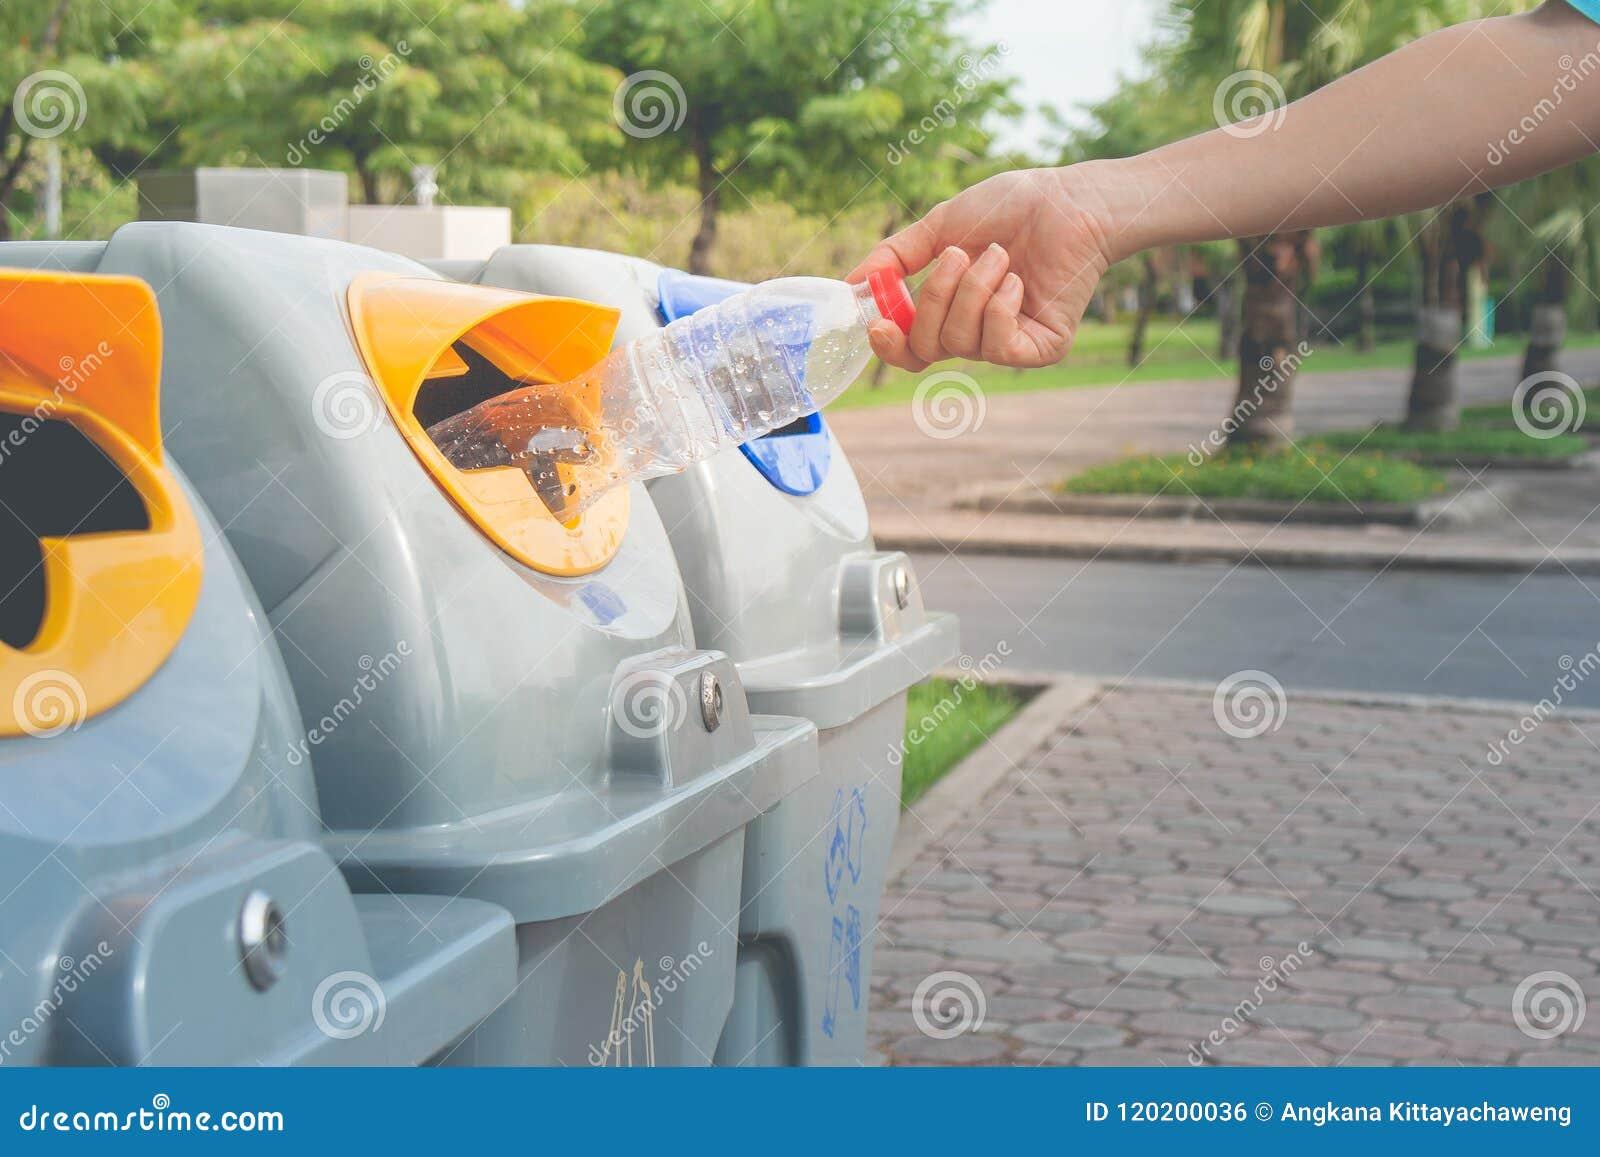 Kobiety ręki kładzenie używać plastikowa butelka publicznie przetwarza kosze lub segregującego jałowych koszy parka publicznie